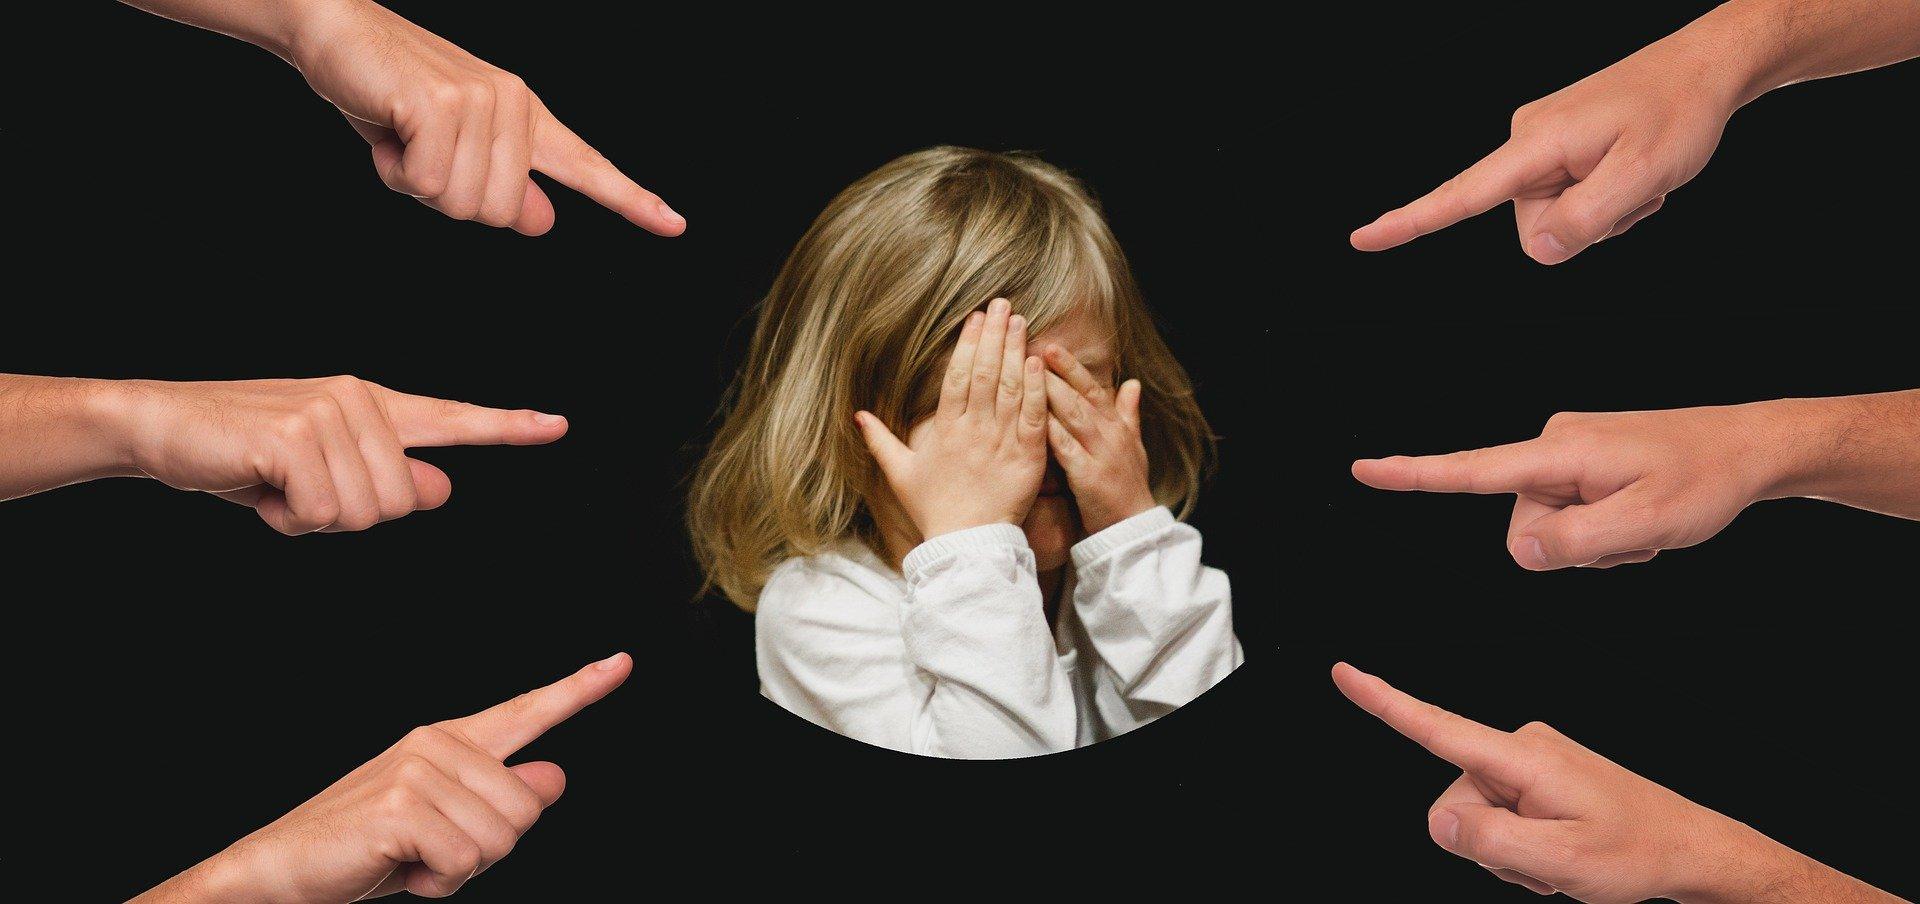 Con dưới 12 tháng tuổi có được ly hôn?